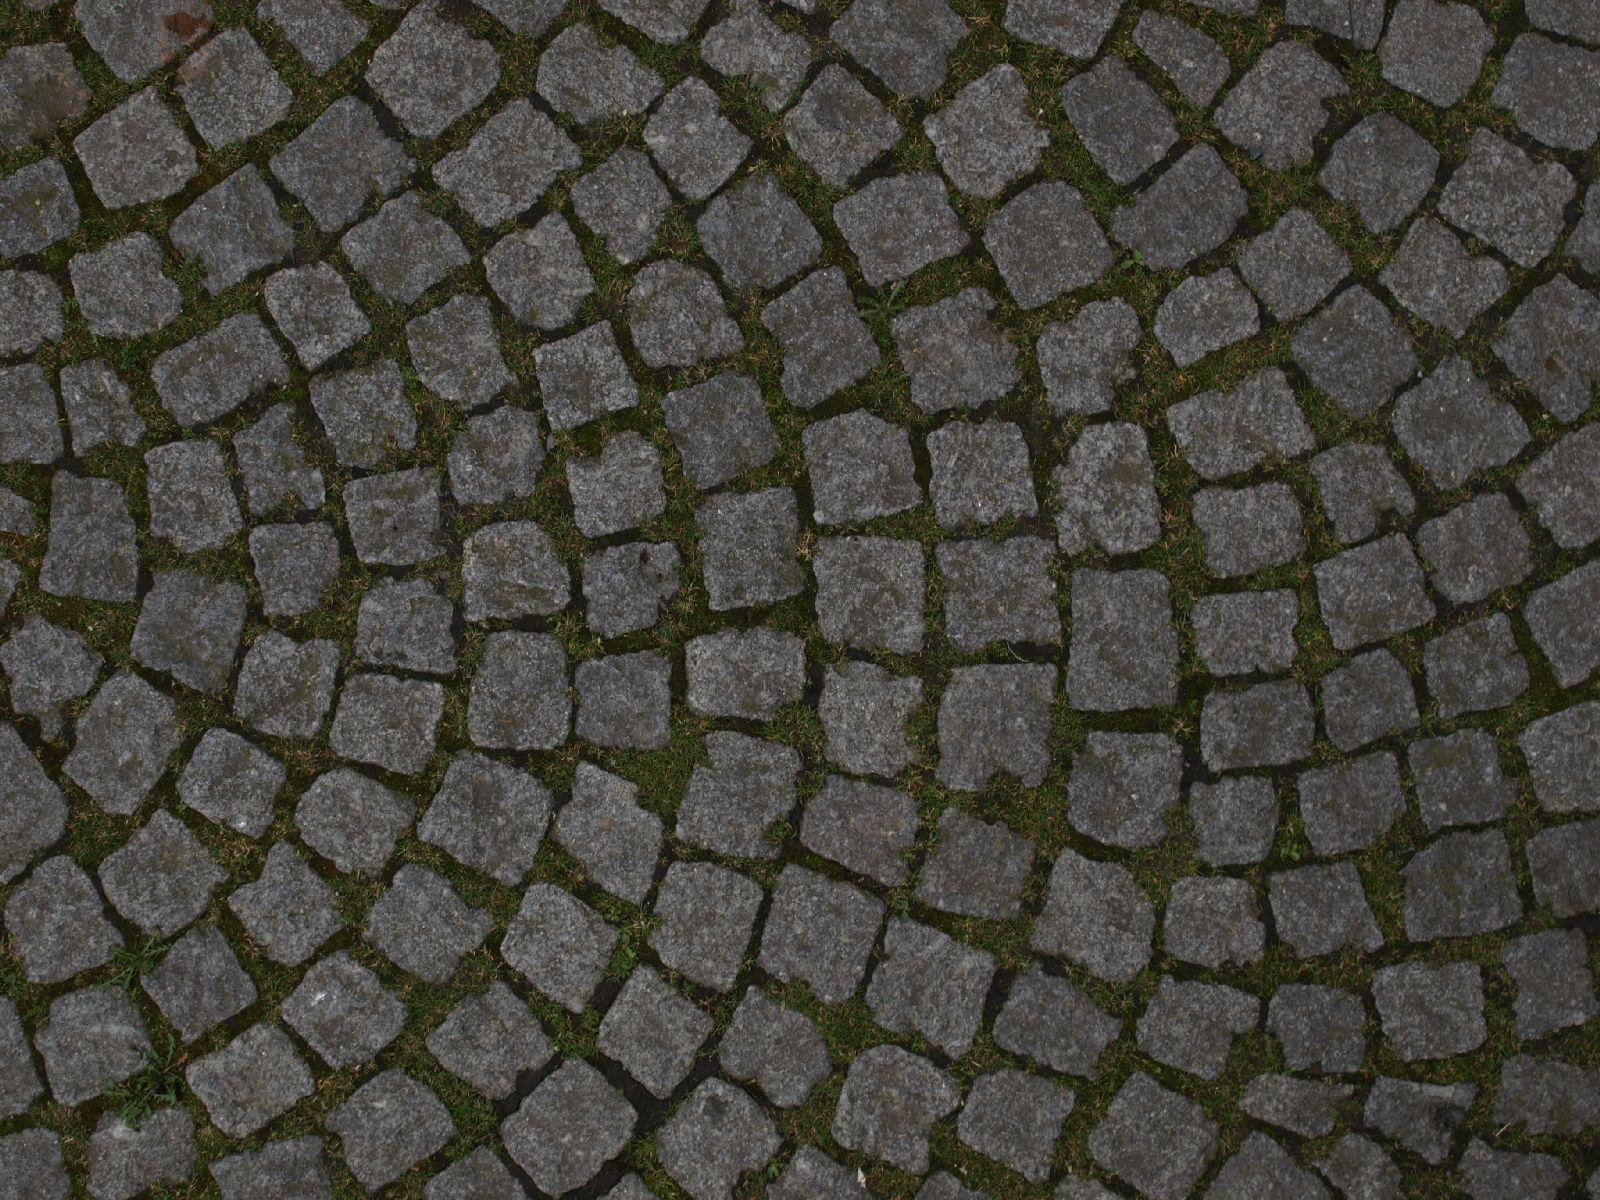 Boden-Gehweg-Strasse-Buergersteig-Textur_A_P4041481